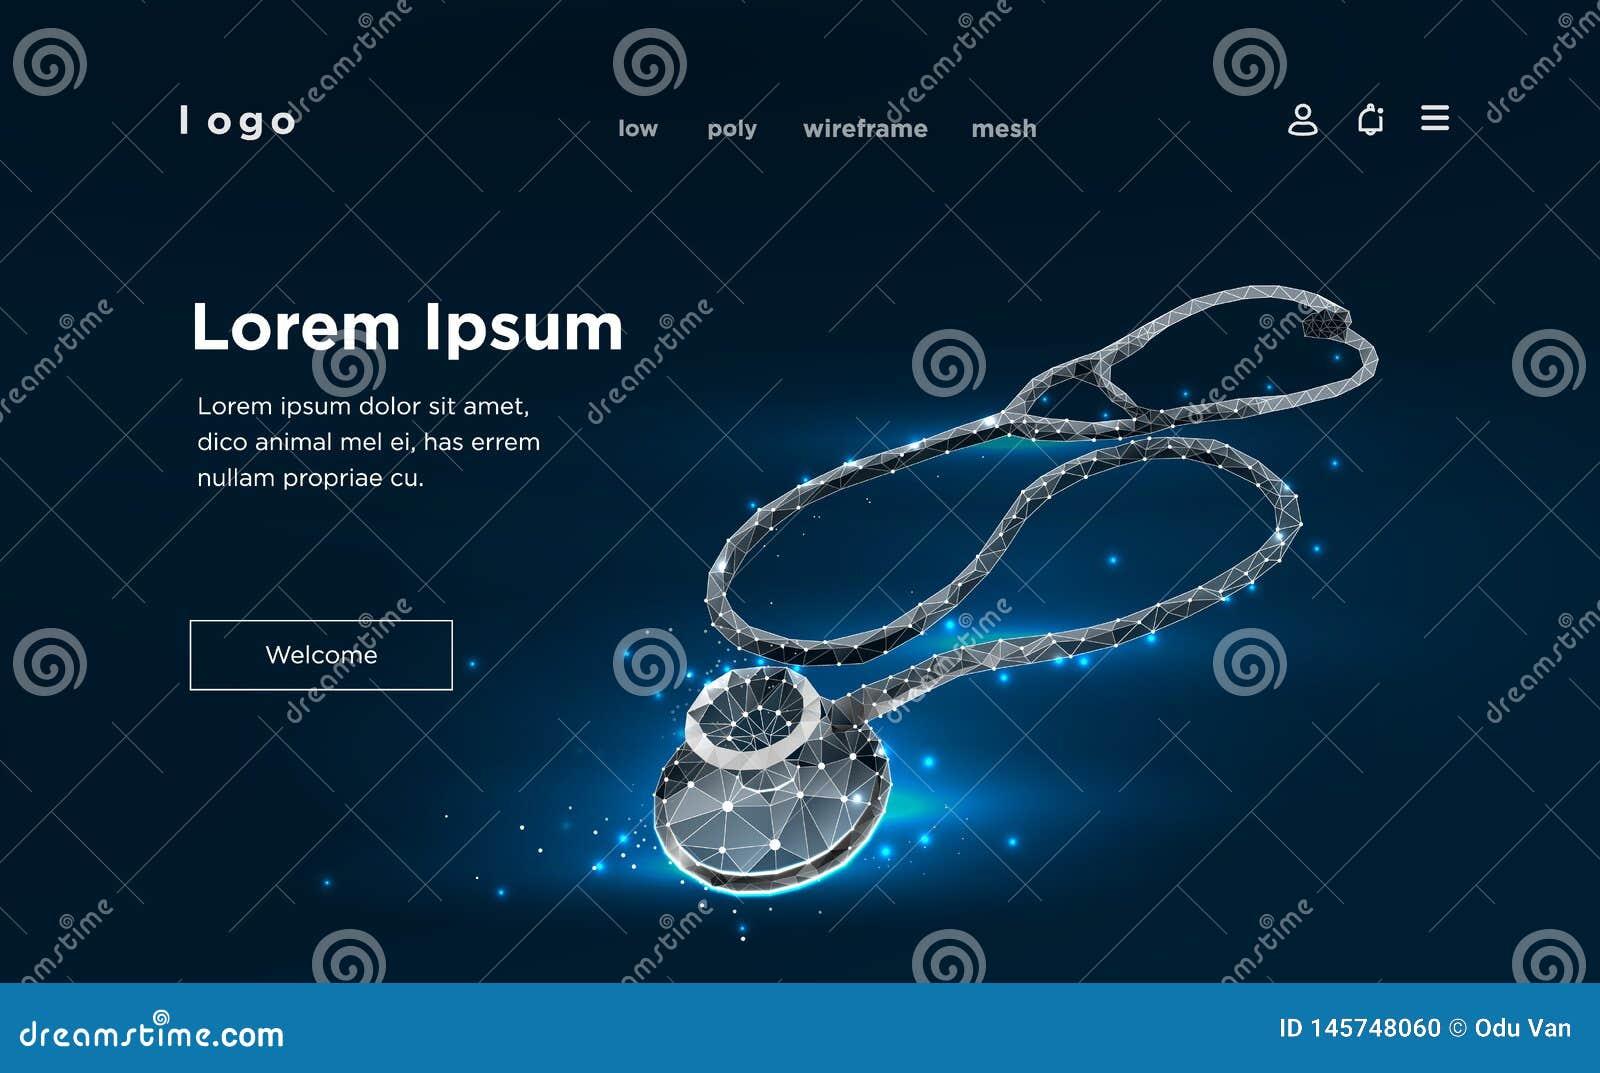 Atención sanitaria polivinílica baja del estetoscopio de la medicina Wireframe polivinílico bajo del modelo 3D de la ciencia médi